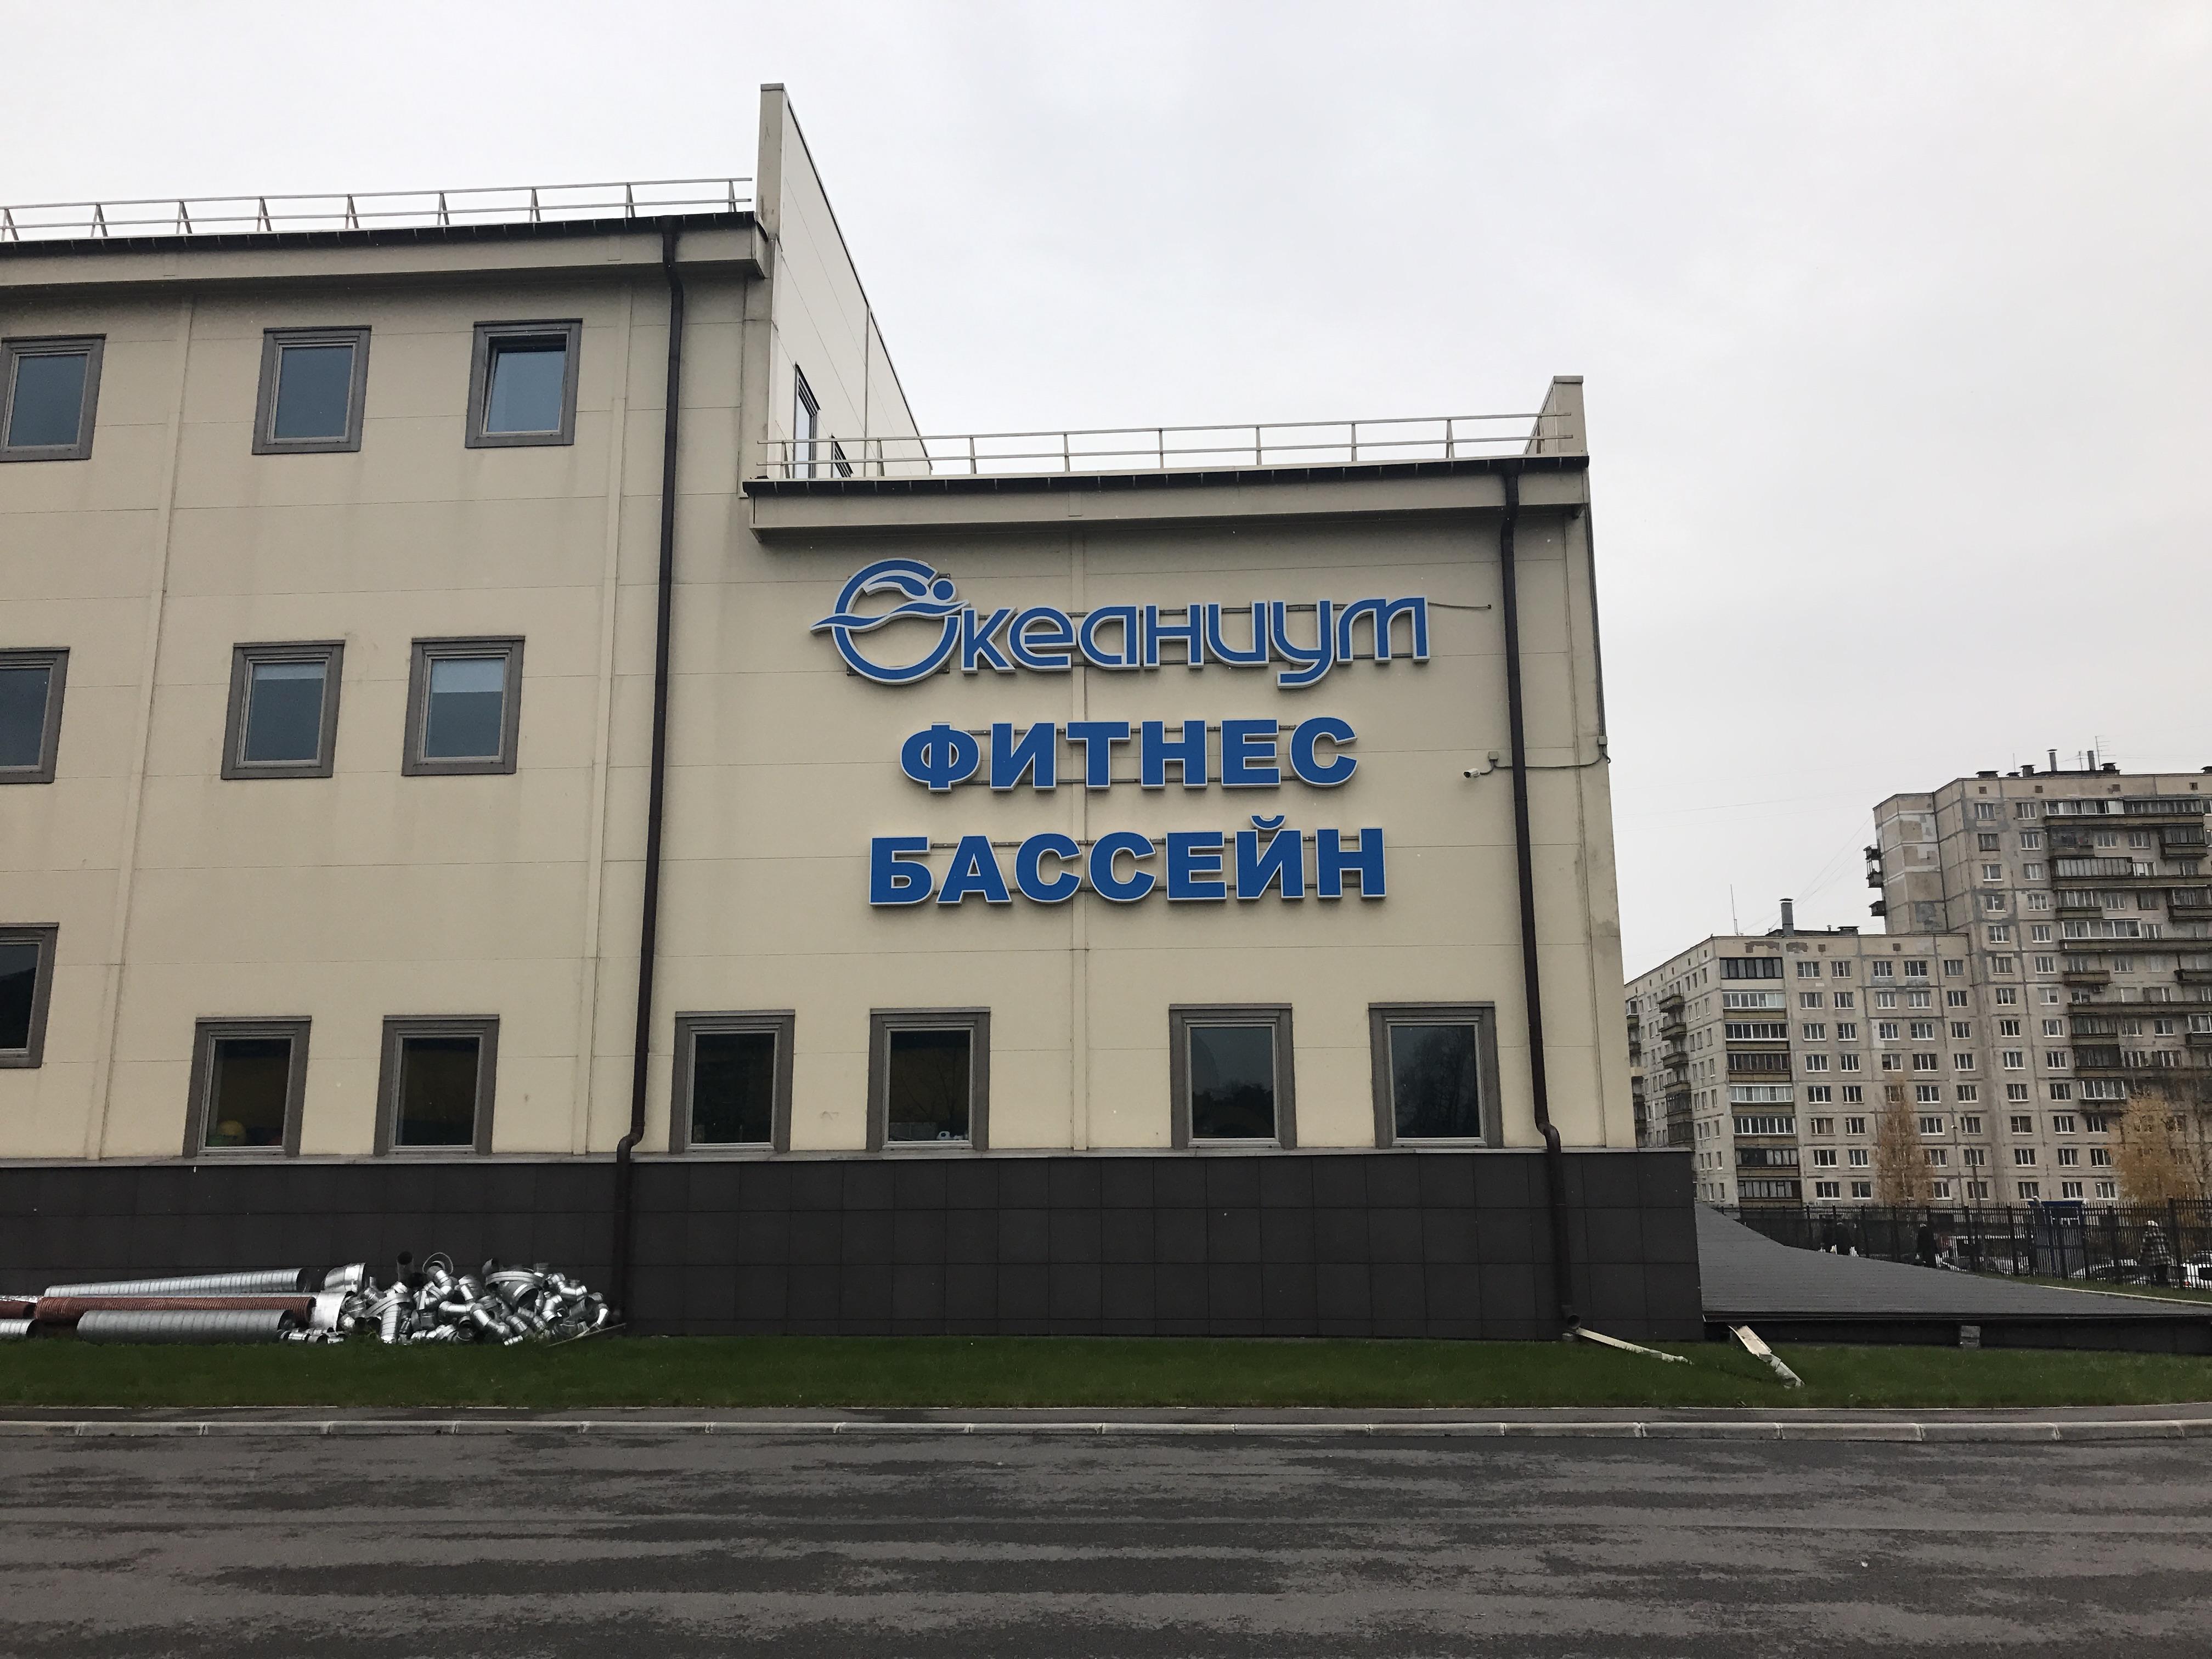 Фасадная световая вывеска для фитнес-клуба 'Океаниум'